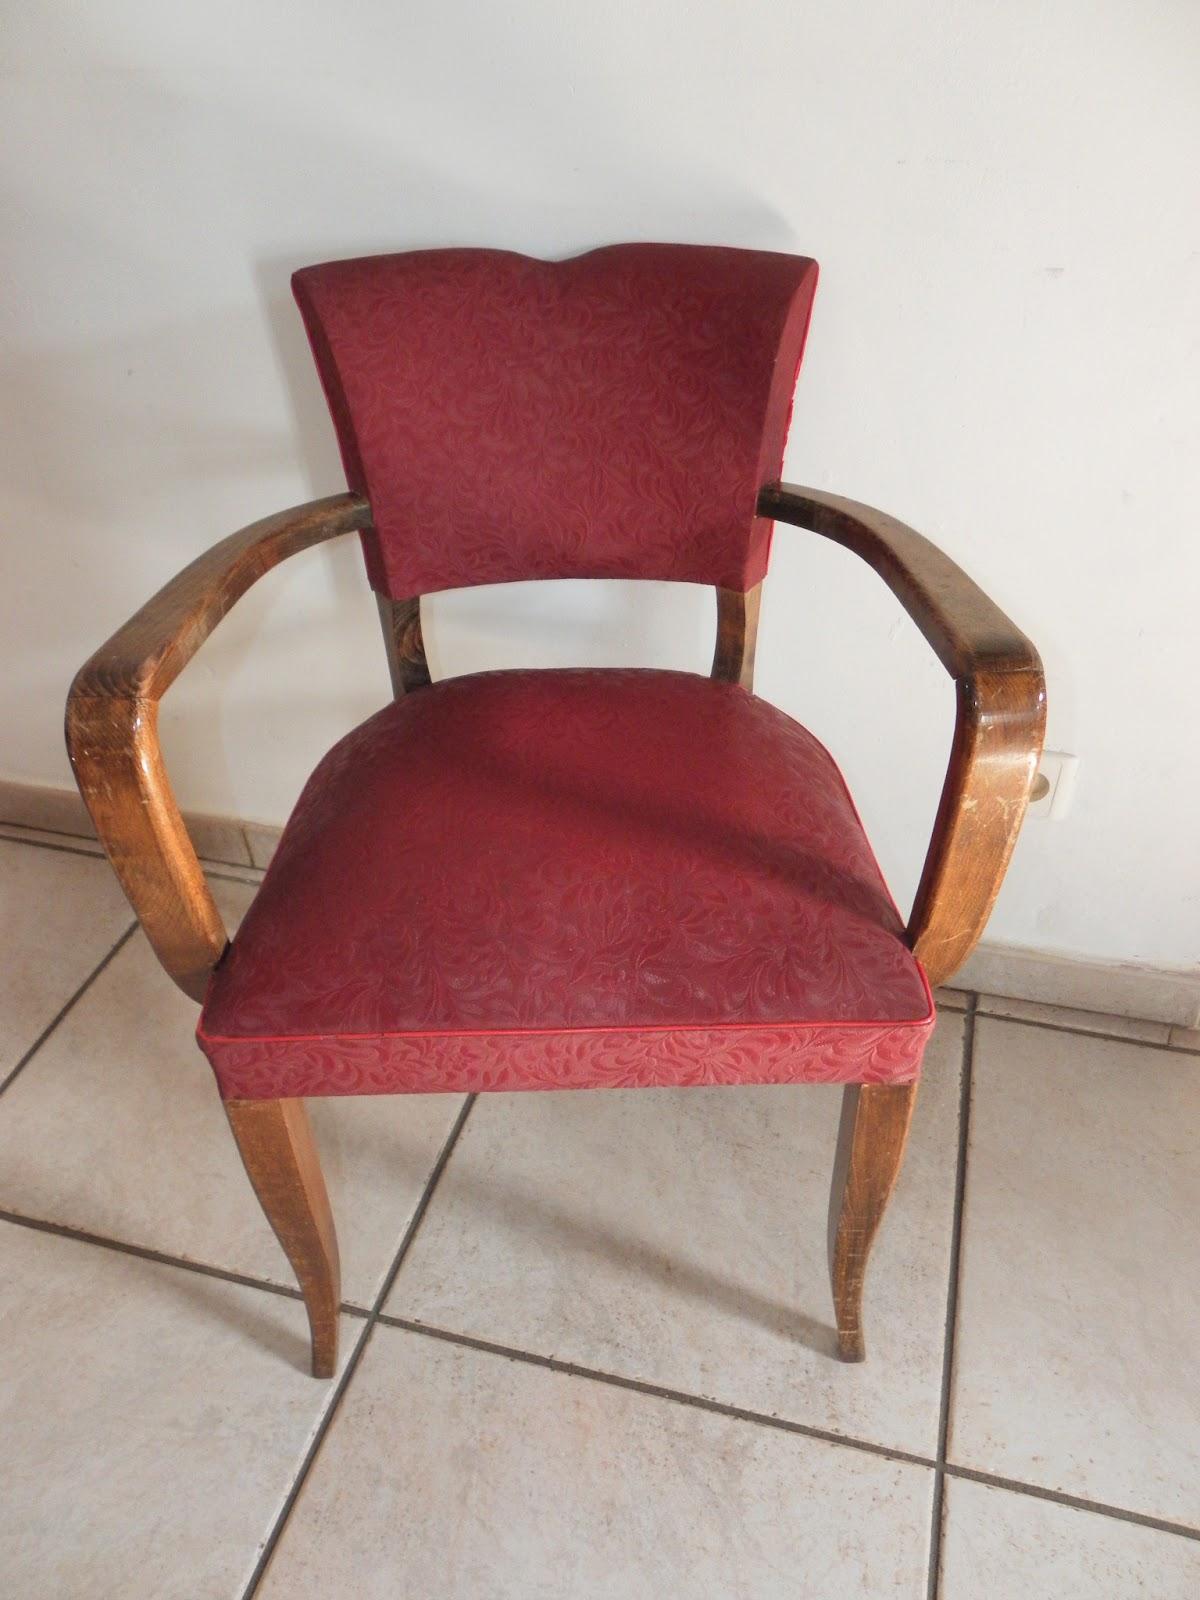 lucie la chineuse fauteuil bridge moustache 39 50. Black Bedroom Furniture Sets. Home Design Ideas